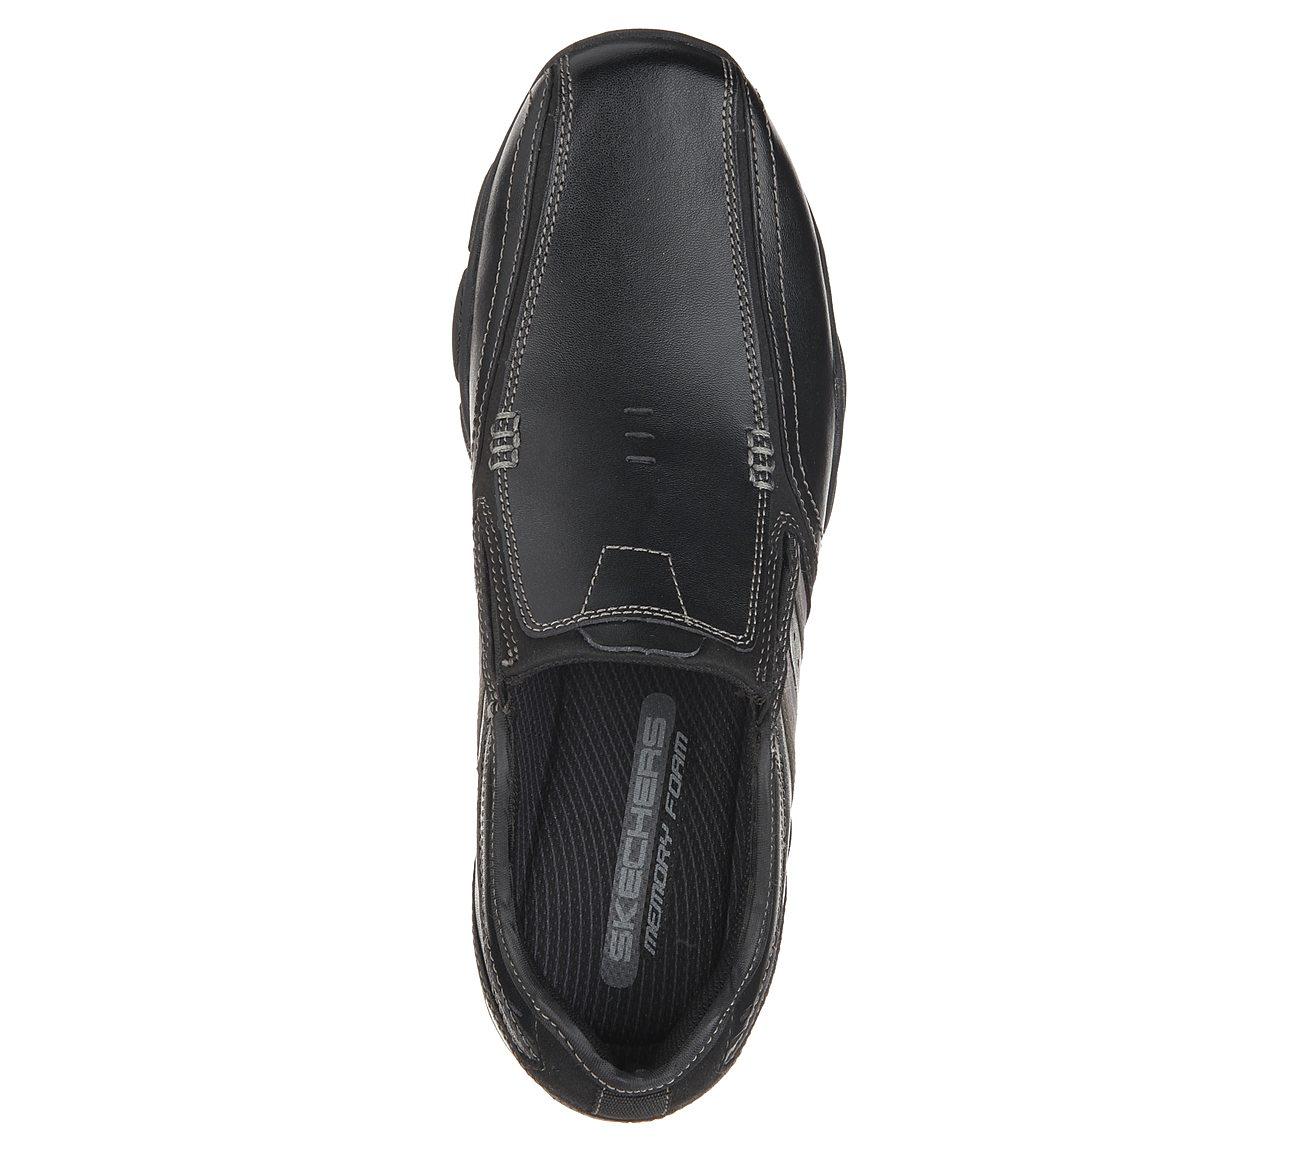 14787ee54282 Buy SKECHERS Diameter - Zinroy SKECHERS Modern Comfort Shoes only £65.00